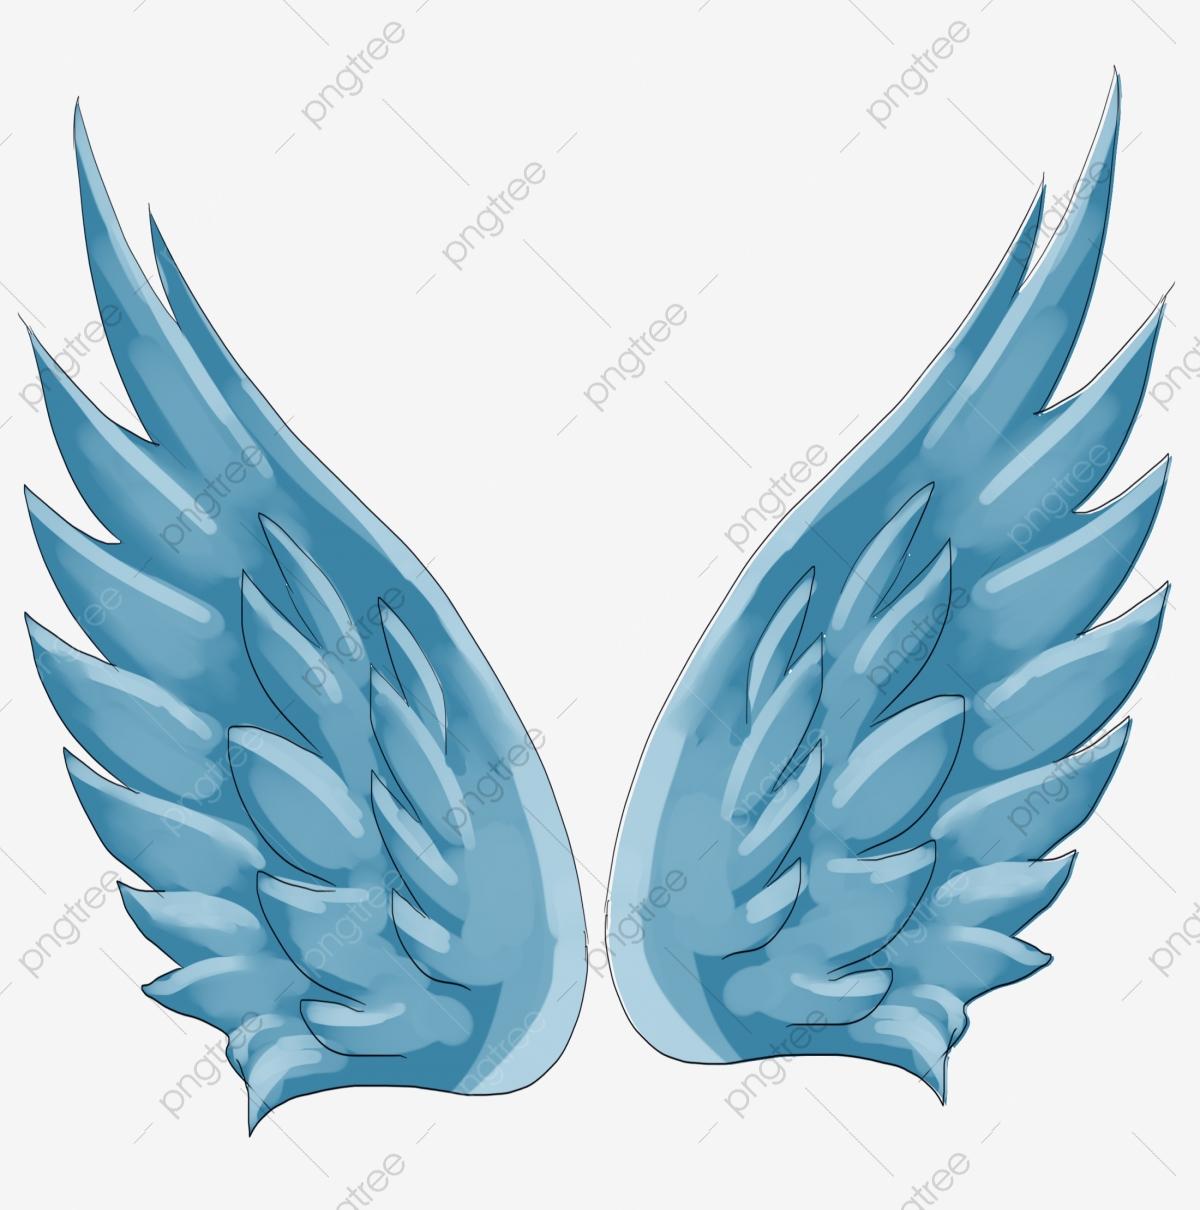 Blue Wings Flying Wings Beautiful Wings Hand Drawn Wings.